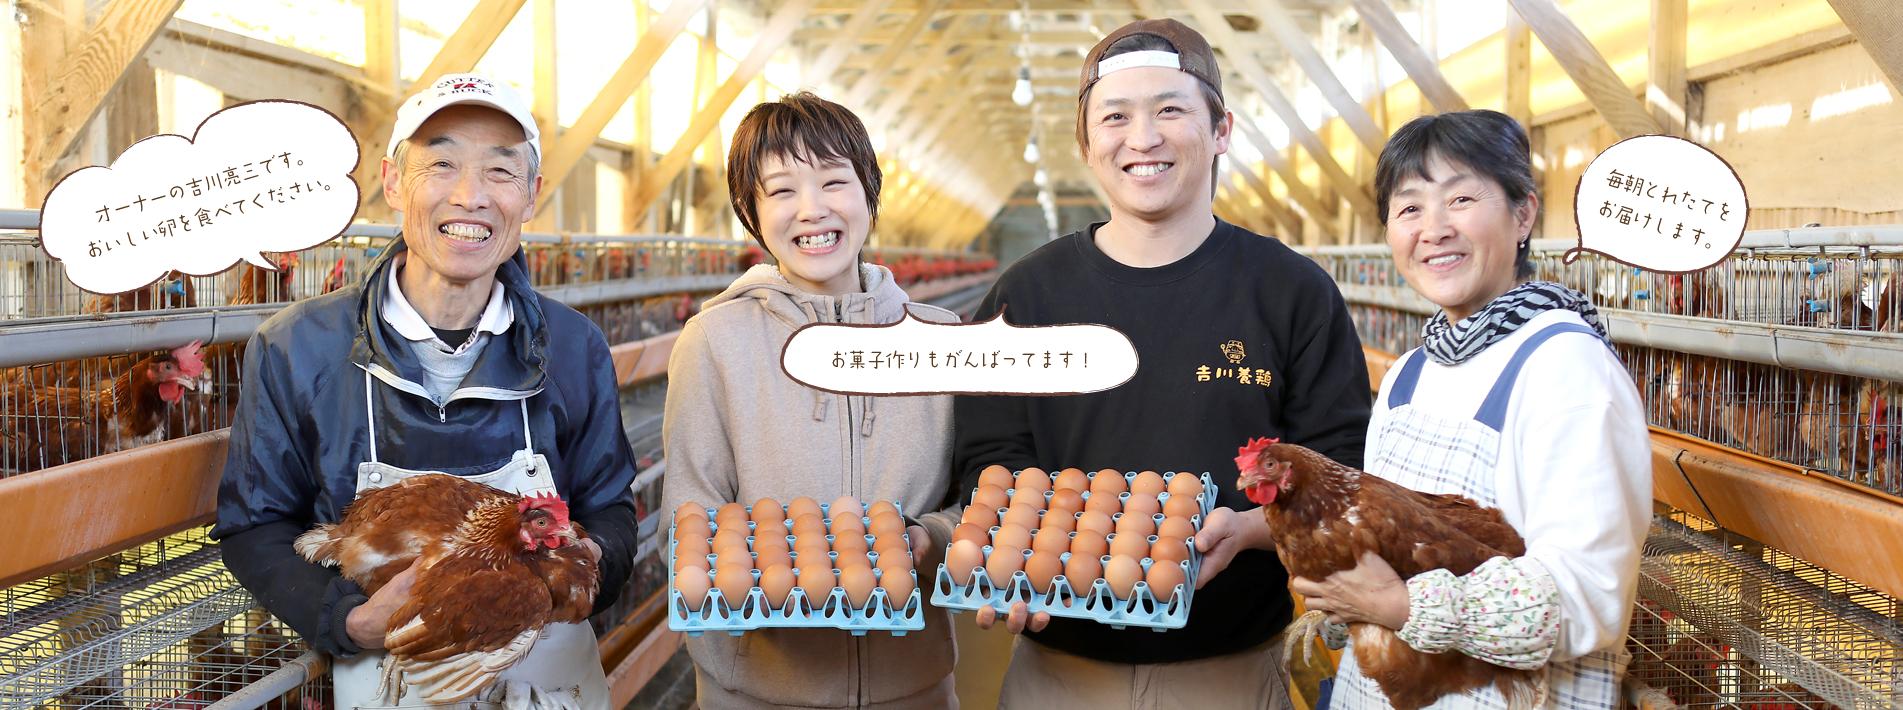 吉川養鶏集合写真